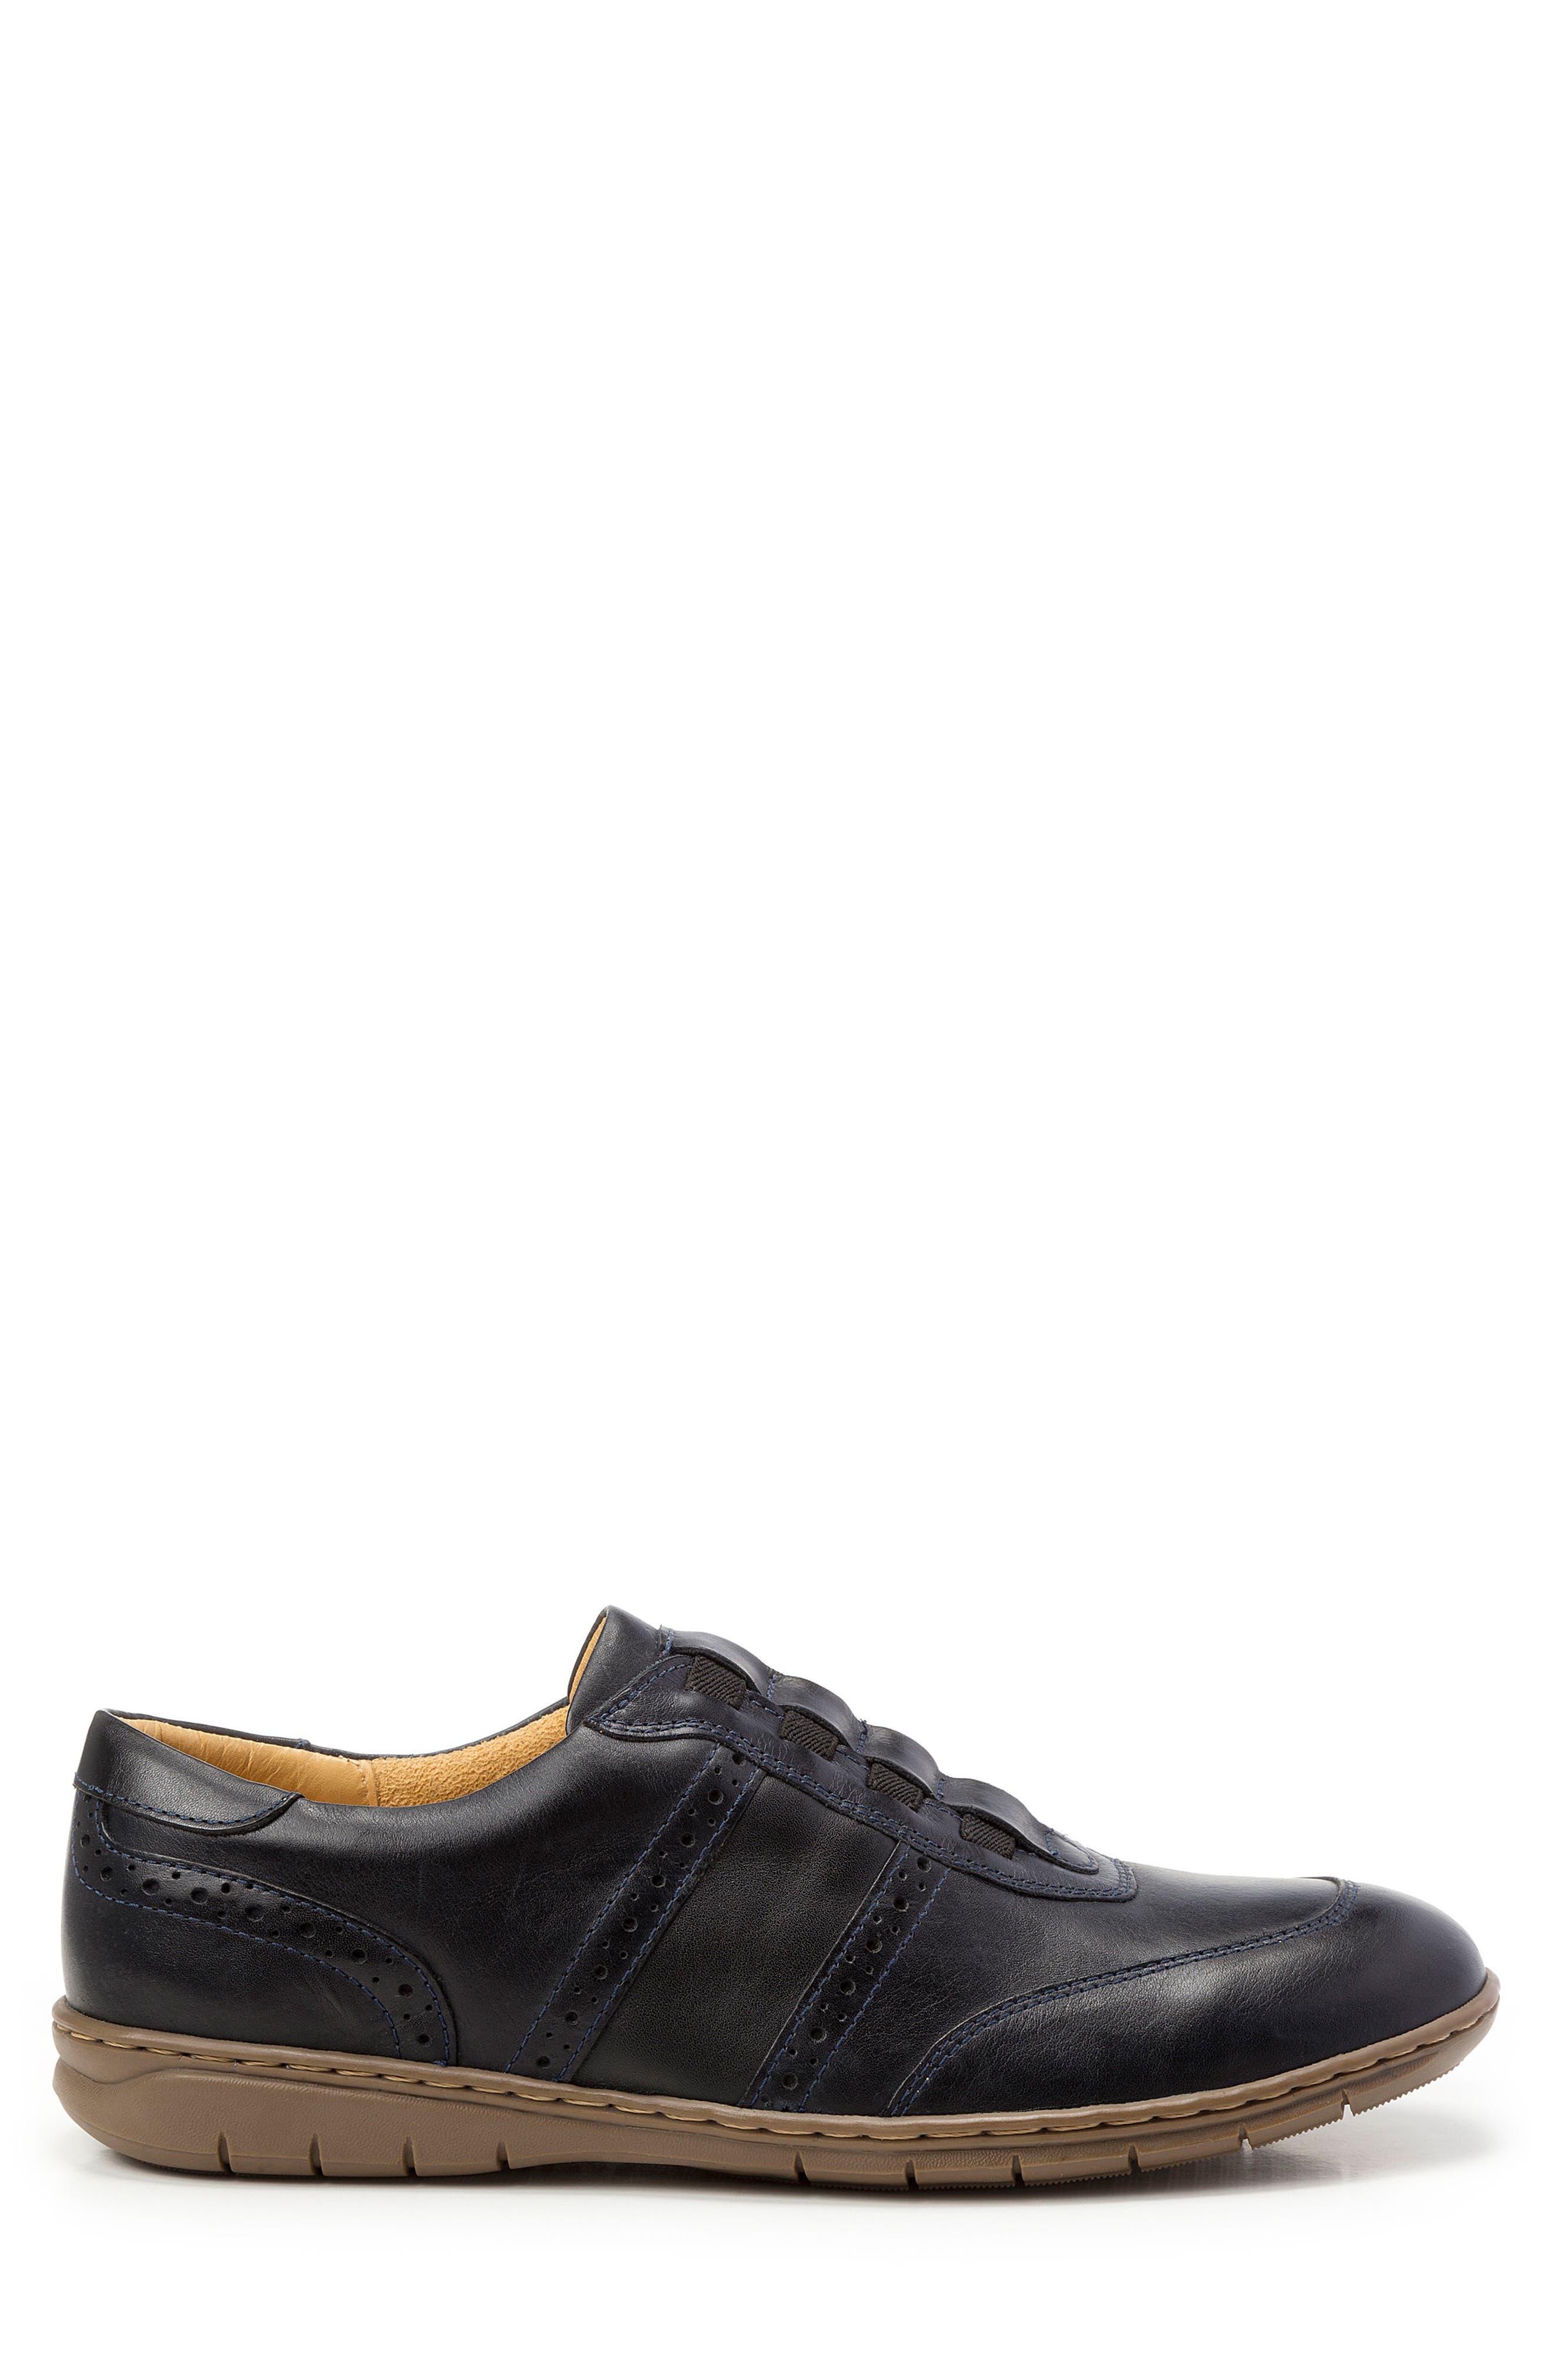 Noah Slip-On Sneaker,                             Alternate thumbnail 3, color,                             BLACK